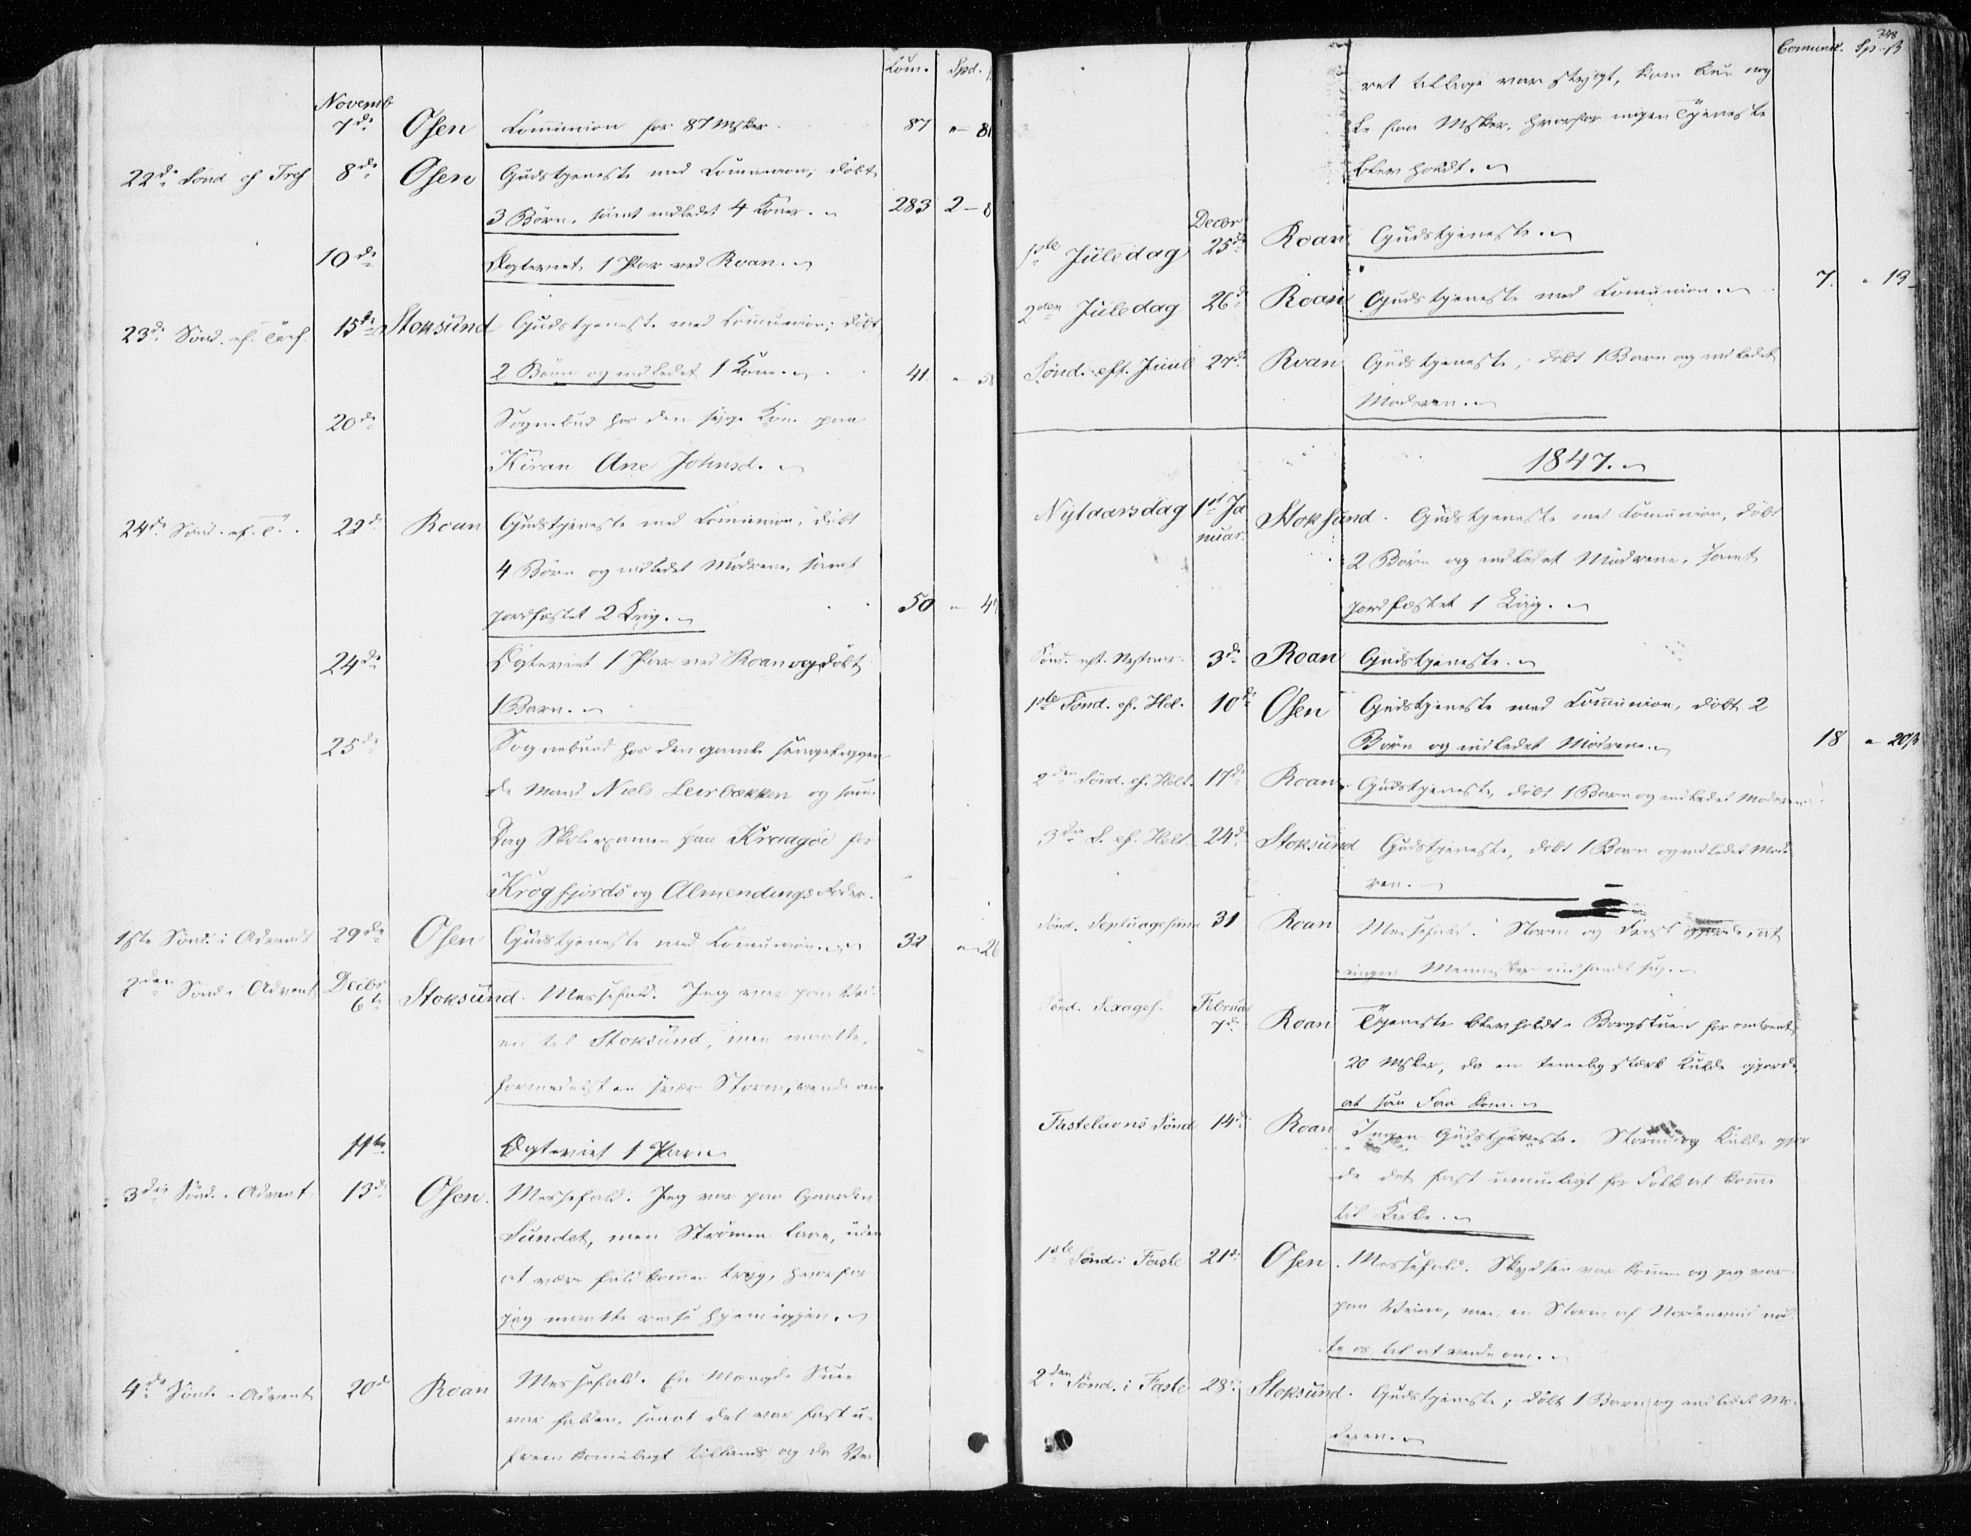 SAT, Ministerialprotokoller, klokkerbøker og fødselsregistre - Sør-Trøndelag, 657/L0704: Ministerialbok nr. 657A05, 1846-1857, s. 348